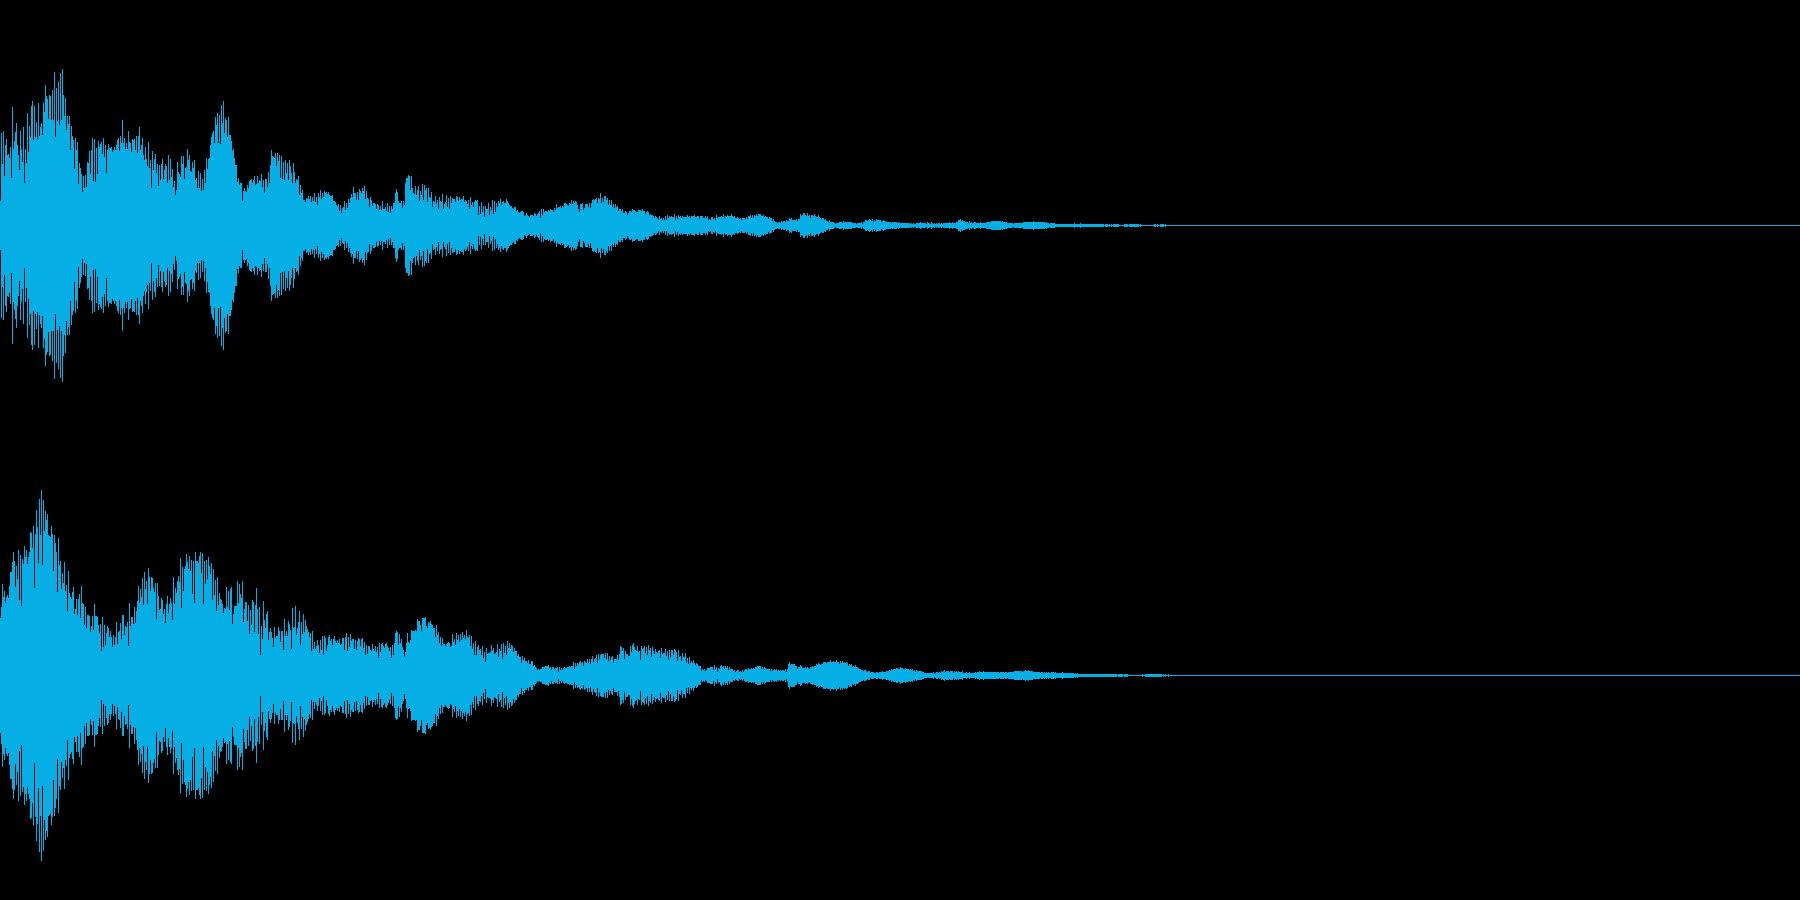 システム音34_Jの再生済みの波形